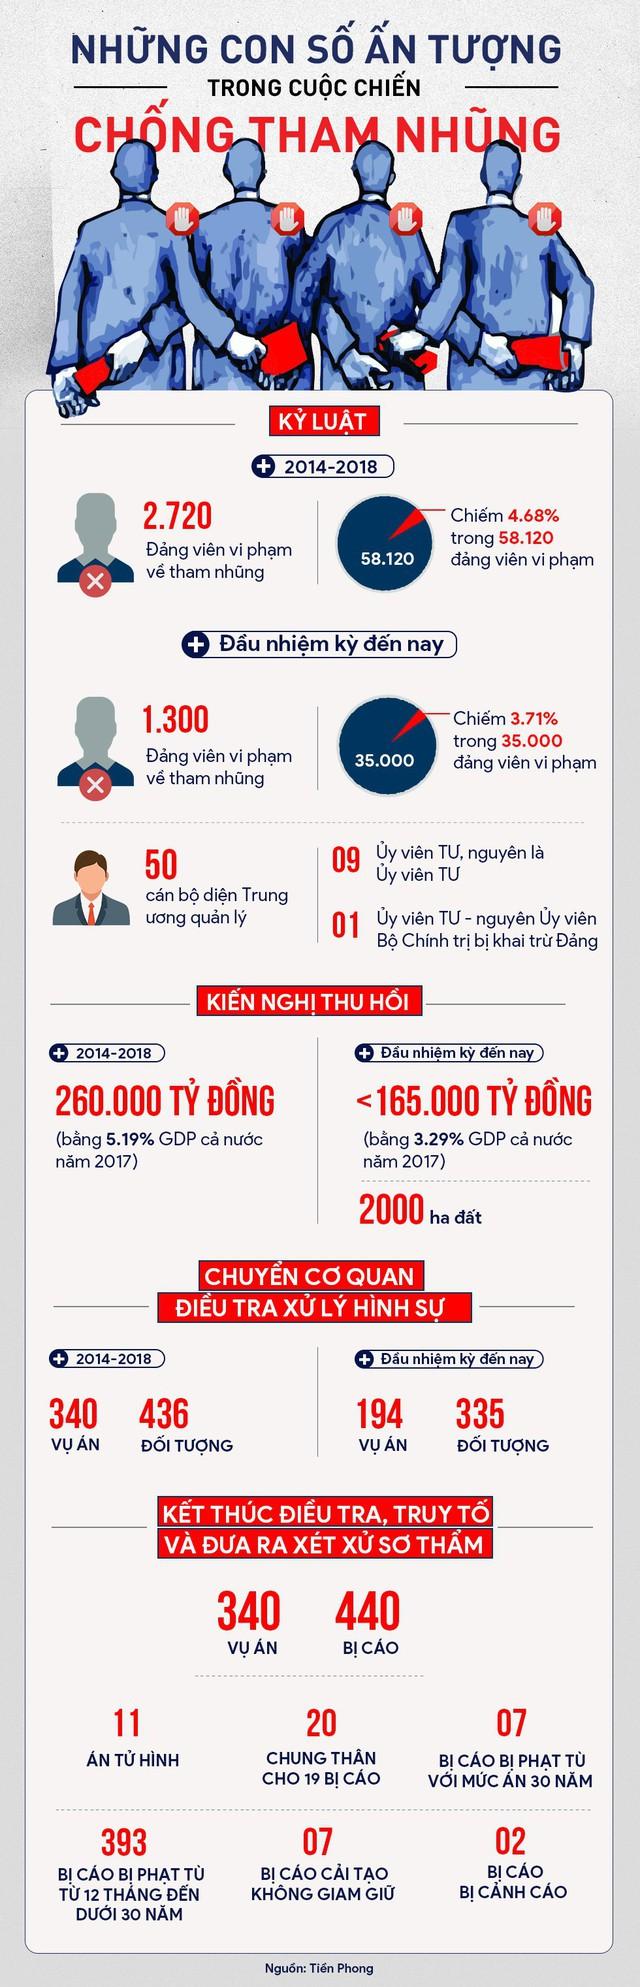 Những con số ấn tượng của cuộc chiến chống tham nhũng - Ảnh 1.